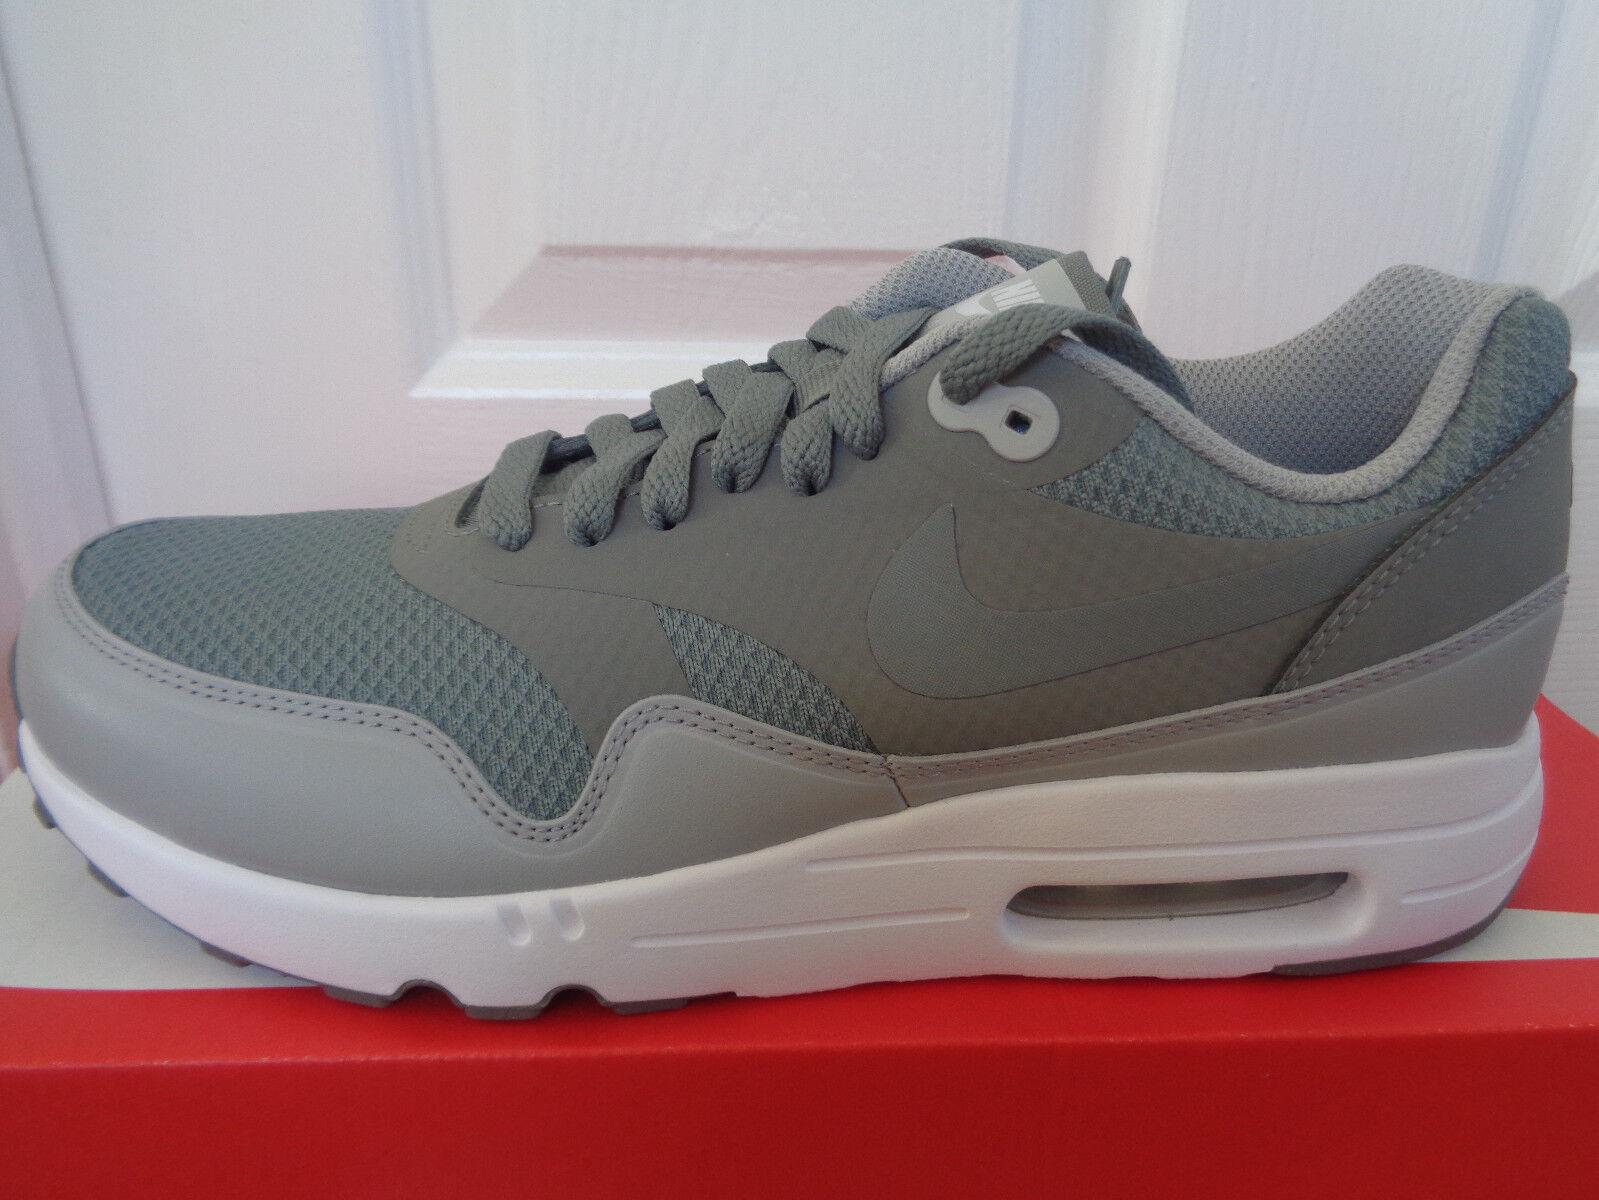 Nike Air Max 1 Ultra Essential sautope da ginnastica Uomo 875679 003 EU 40 US 7 Nuovo + Scatola Sautope classeiche da uomo